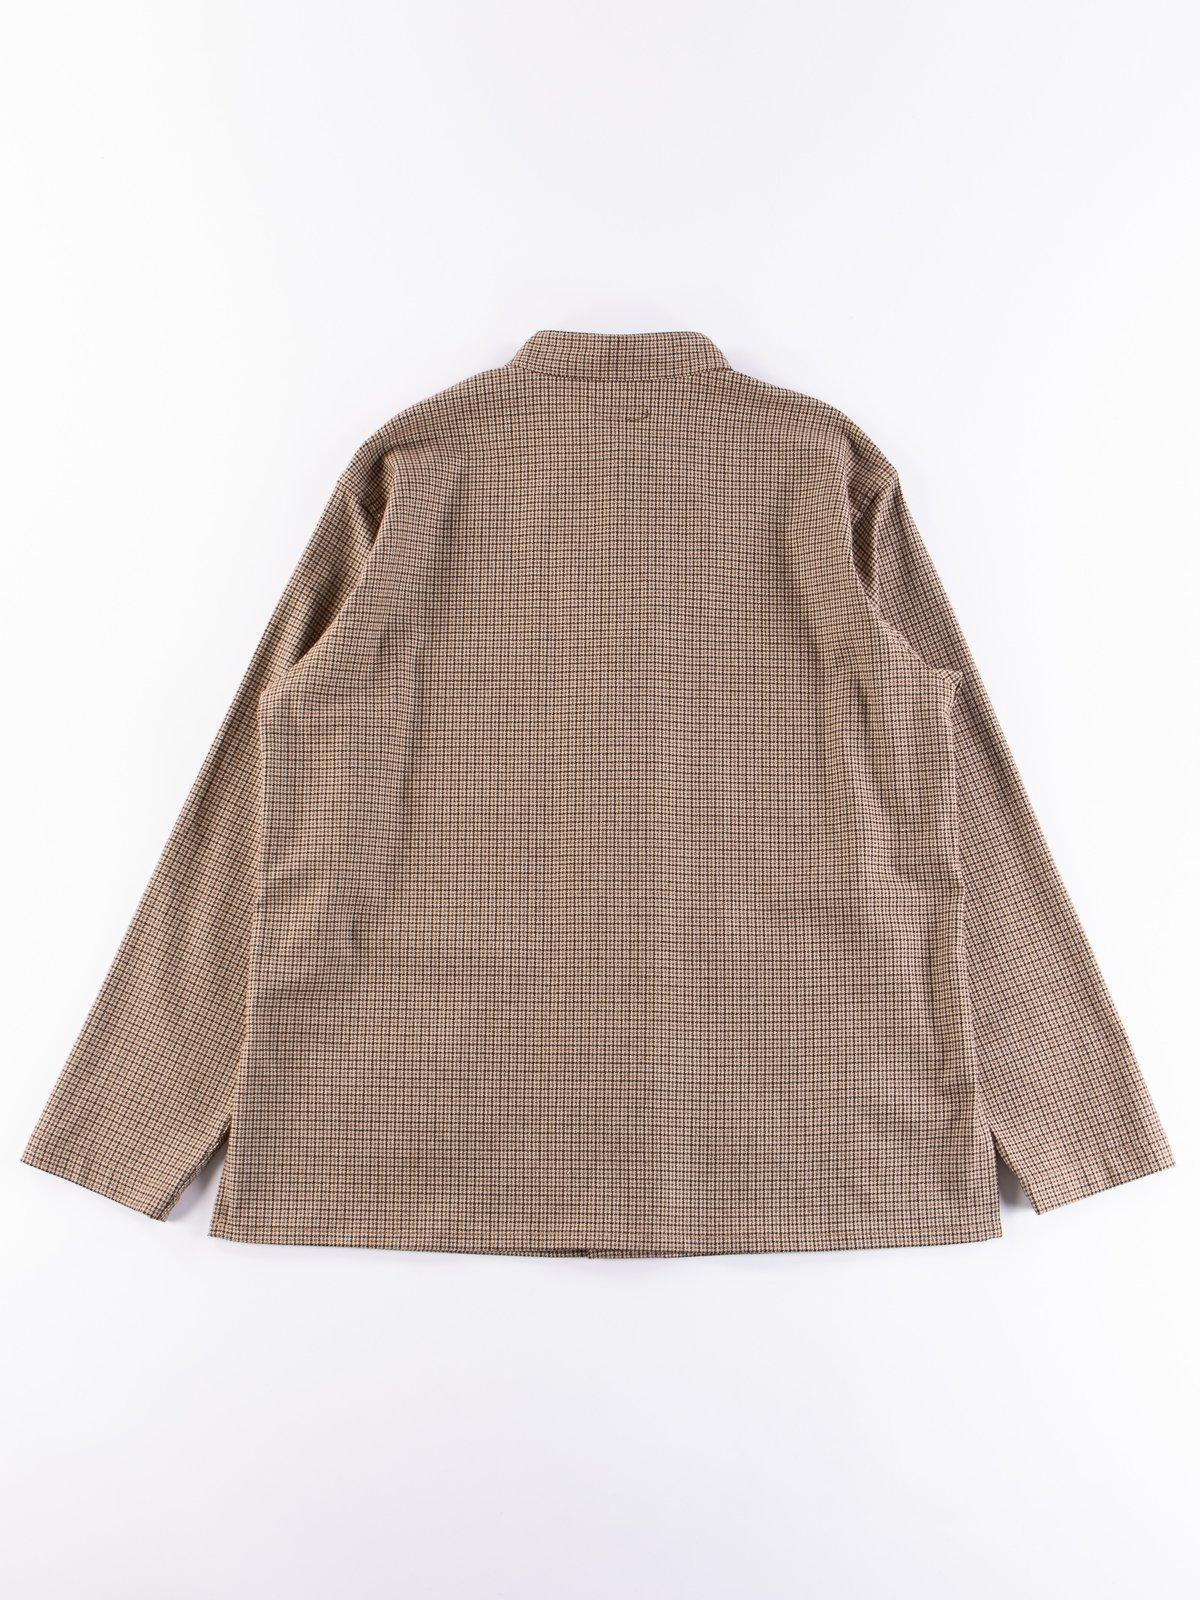 Brown Wool Poly Gunclub Dayton Shirt - Image 5